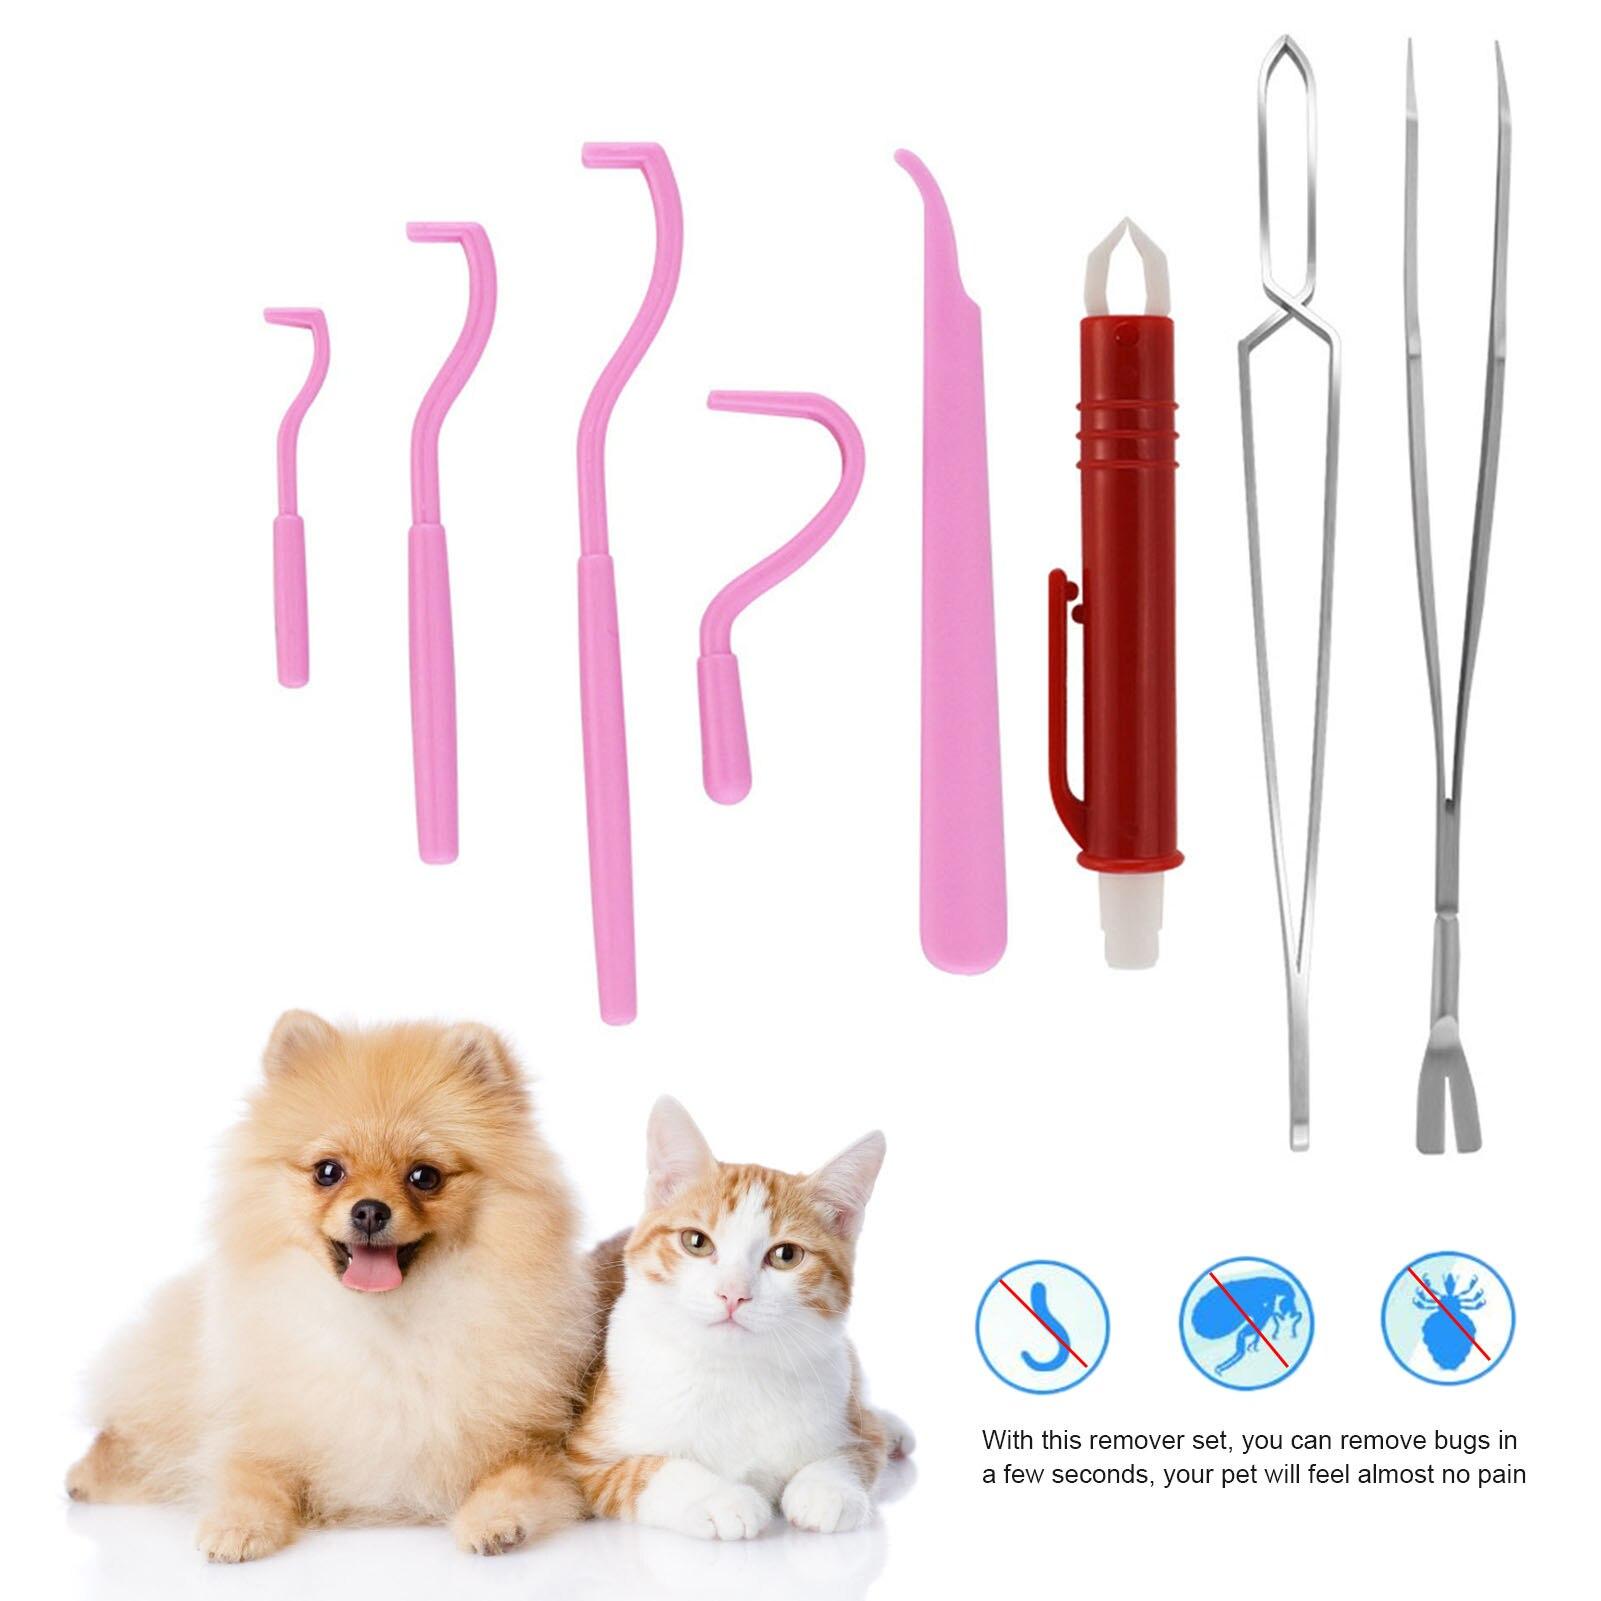 Набор для удаления клещей для собак, домашних животных, кошек, инструмент для очистки, набор зажимов для клещей